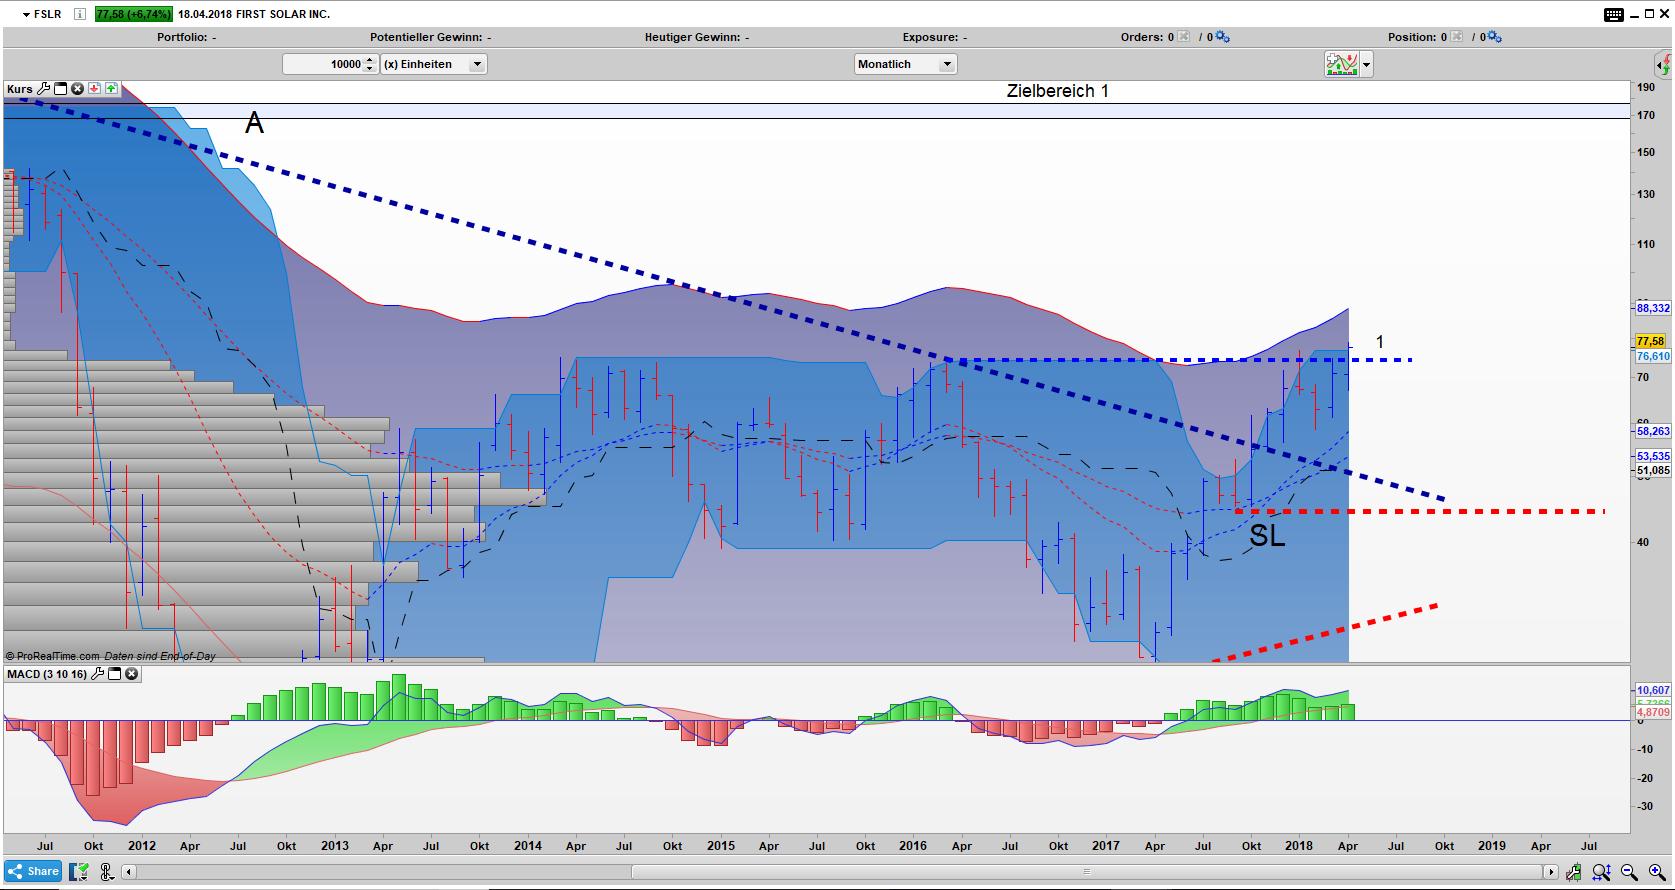 FSLR Bar Monats Chart: Dreiecksausbruch ist weiterhin aktiv